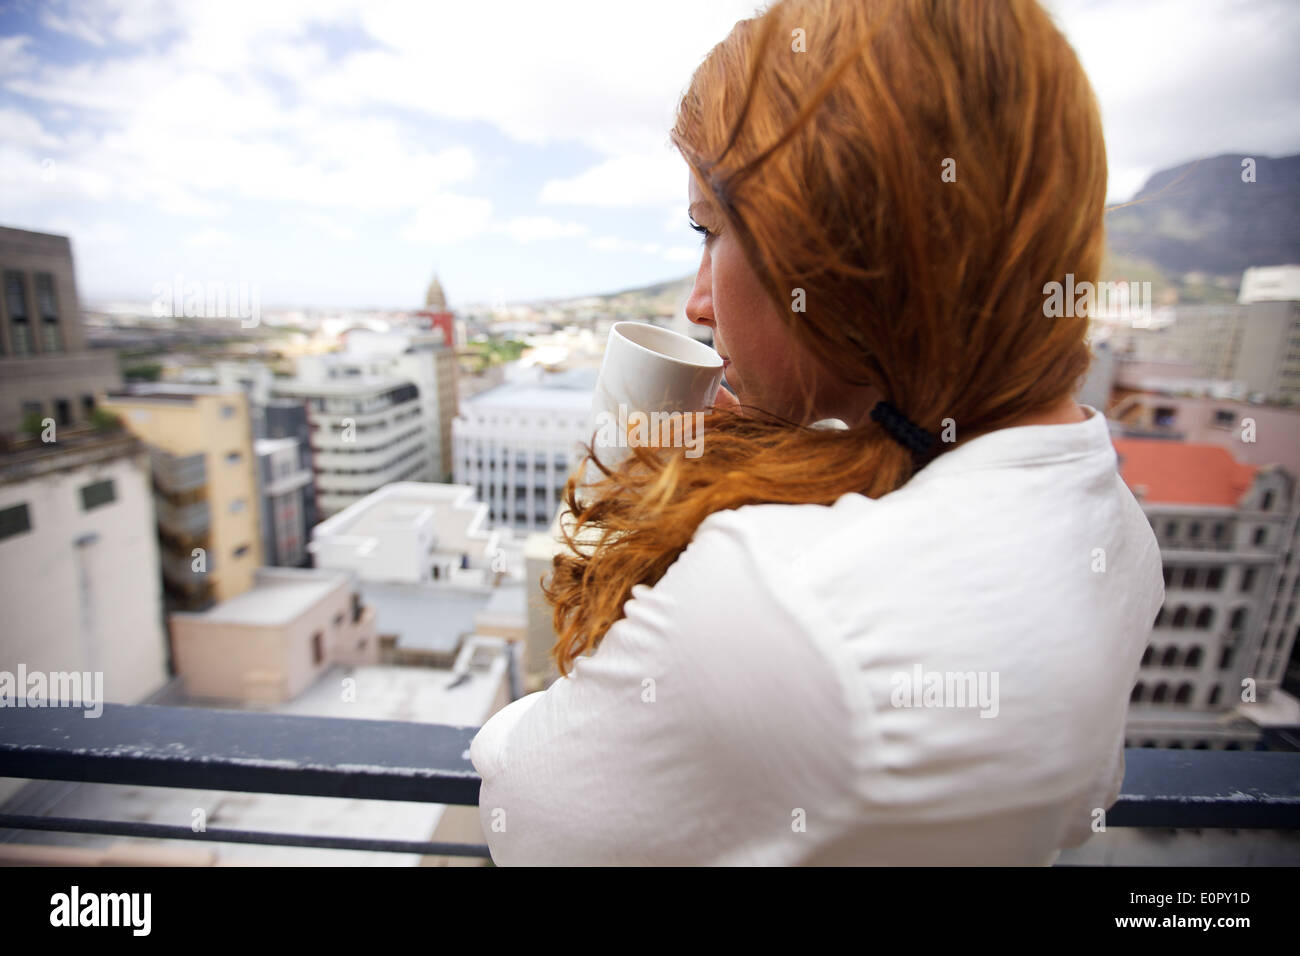 Attractive brunette debout sur un balcon tenant une tasse de café. Jeune femme à la recherche d'un balcon tout en buvant du café. Photo Stock